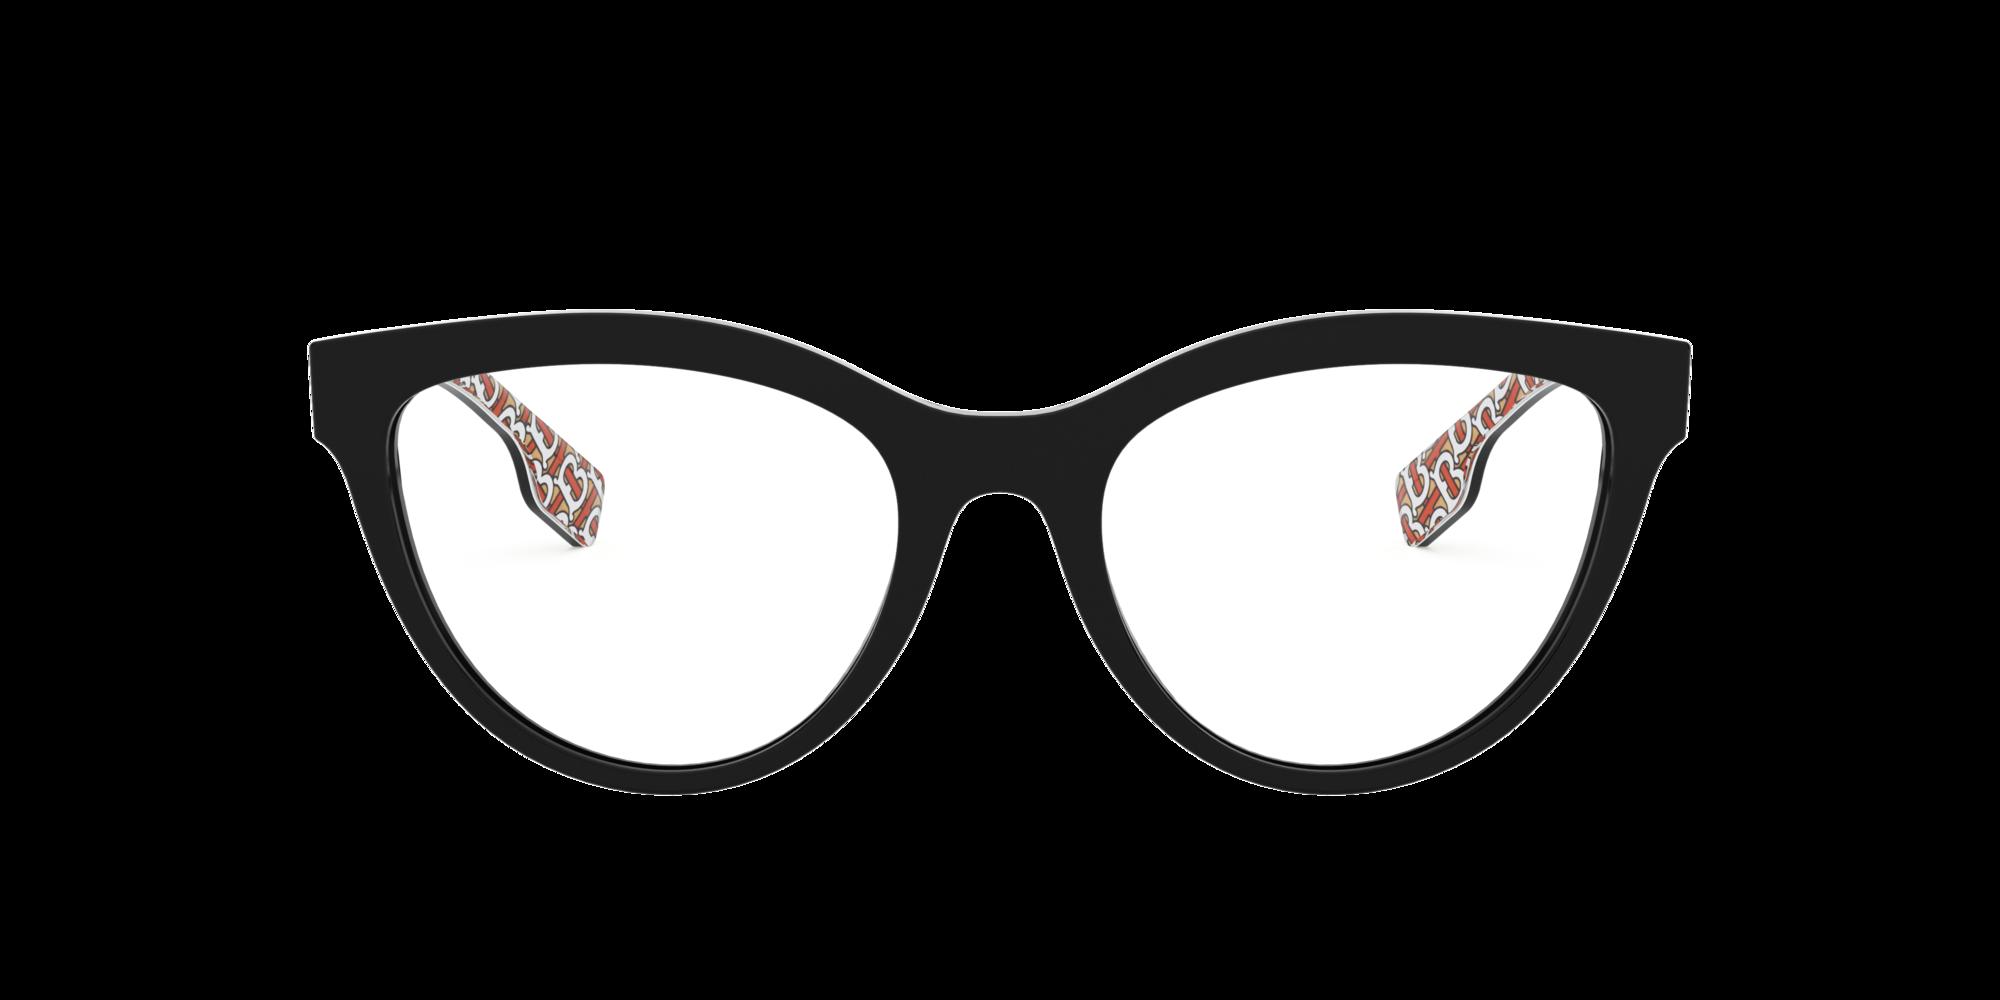 Imagen para BE2311 de LensCrafters |  Espejuelos, espejuelos graduados en línea, gafas